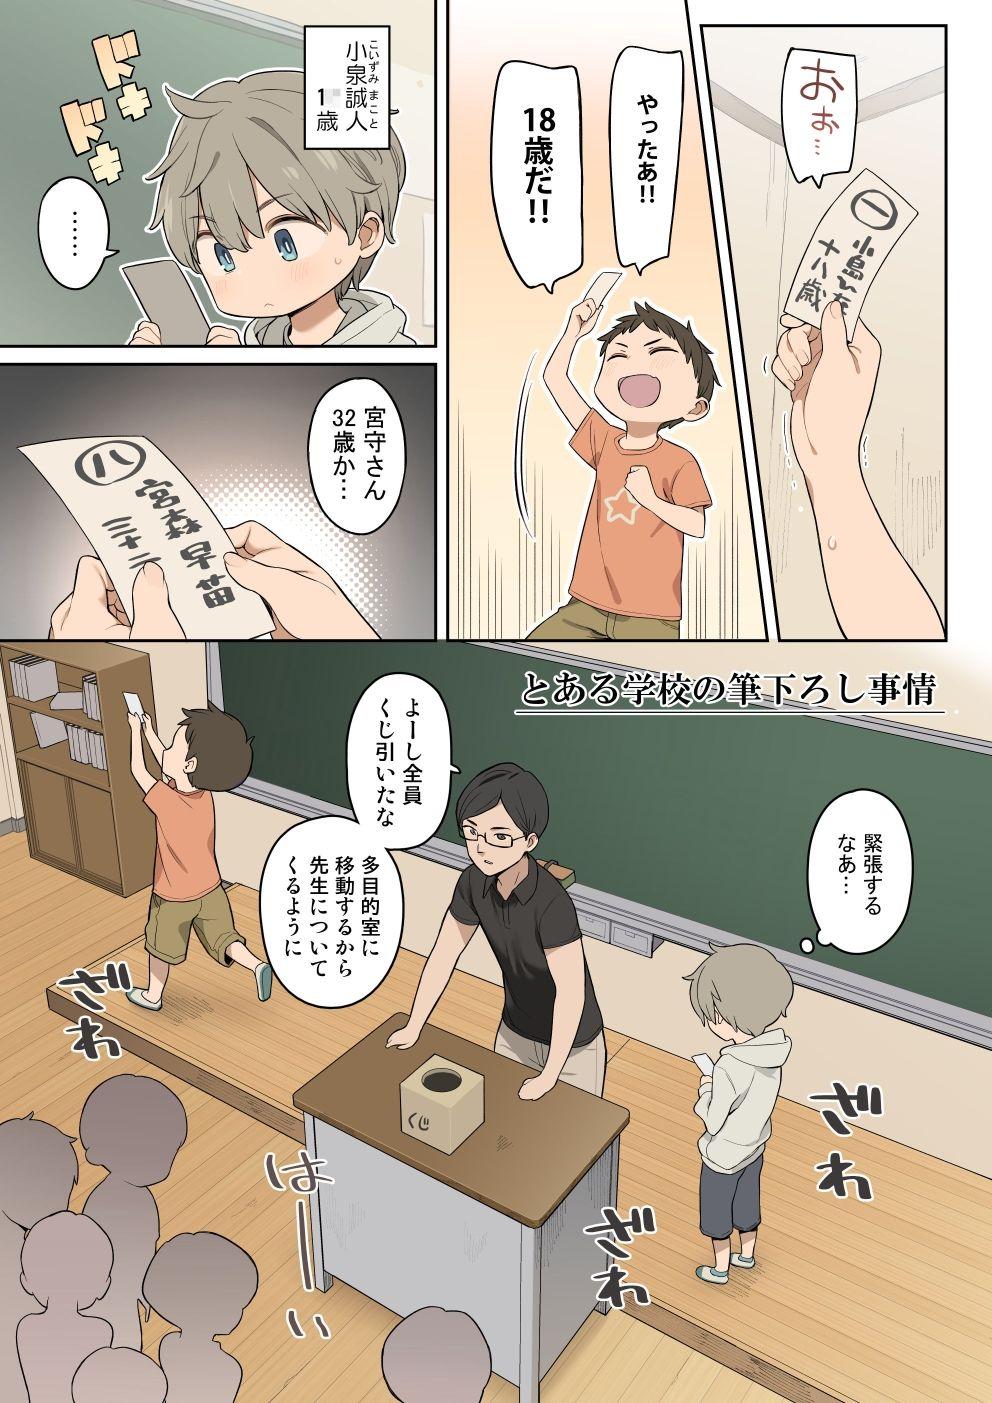 【エロ漫画】とある学校の筆下ろし事情